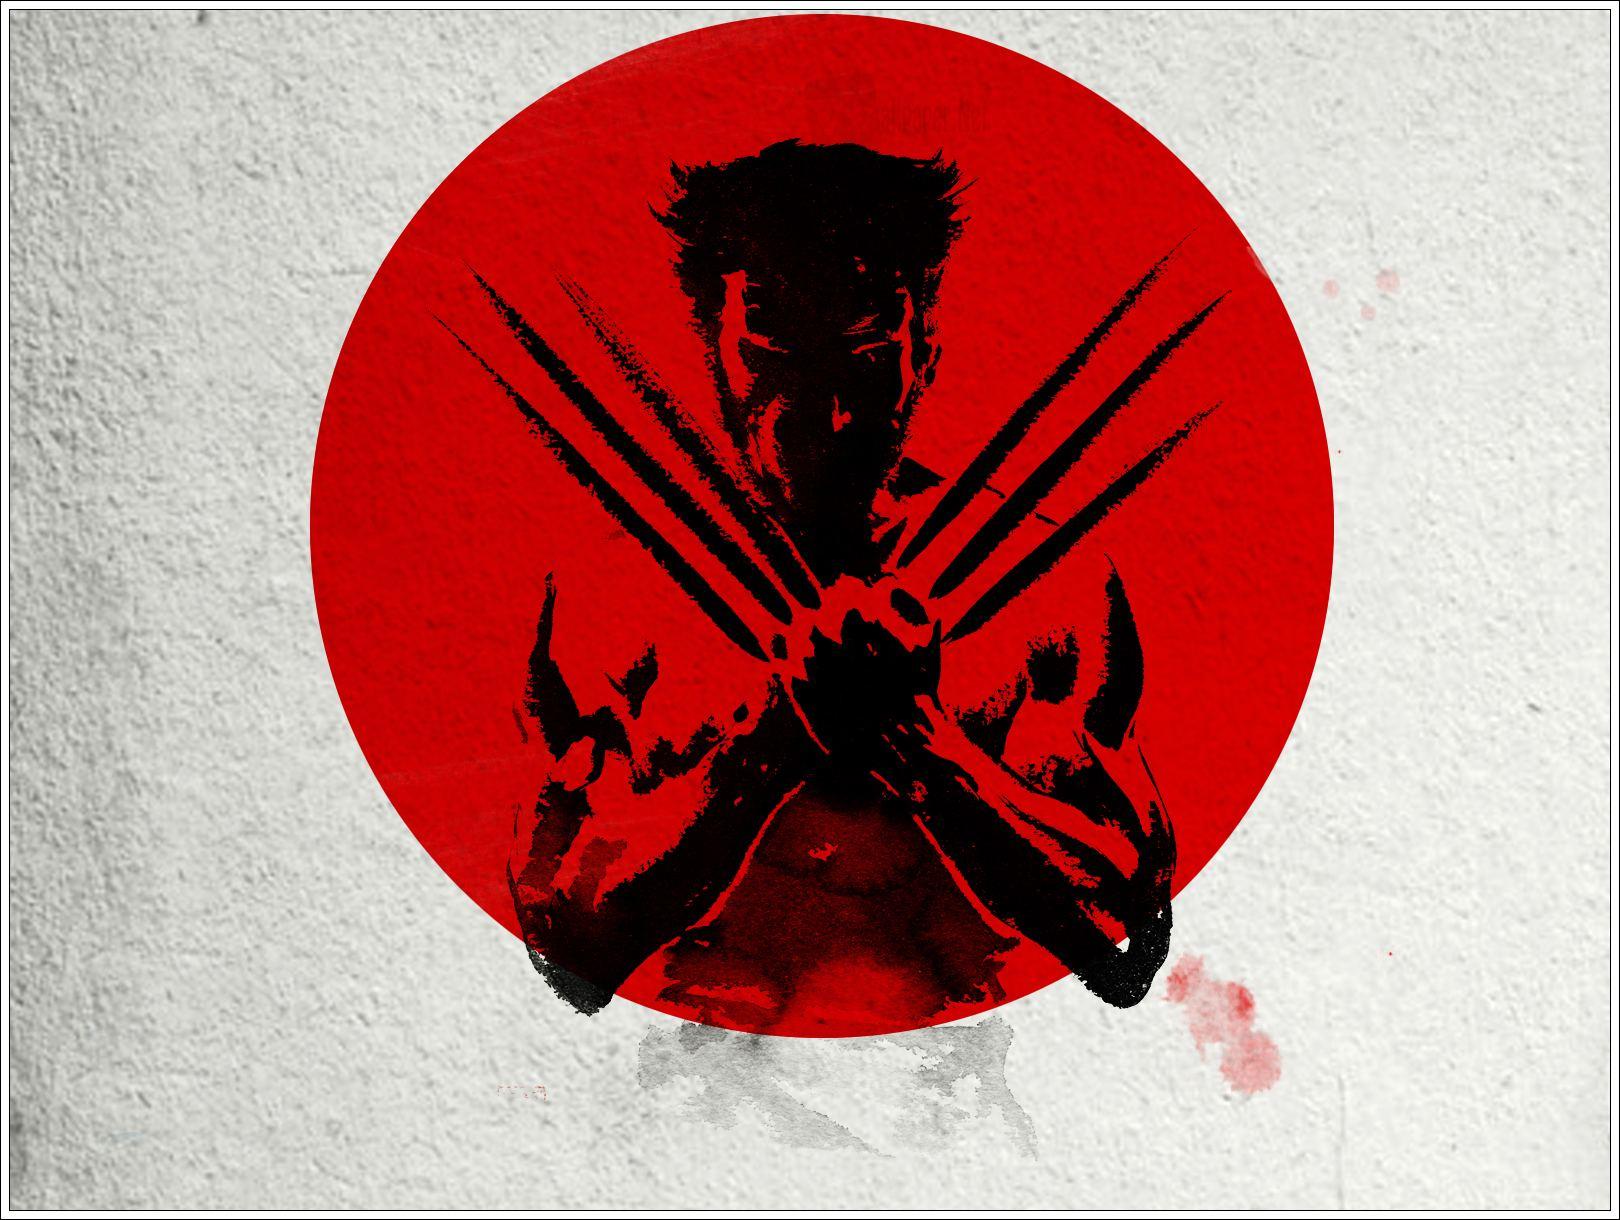 Papel De Parede Wolverine Na Bandeira Do Japao Wallpaper Para Download No Celular Ou Computador Pc